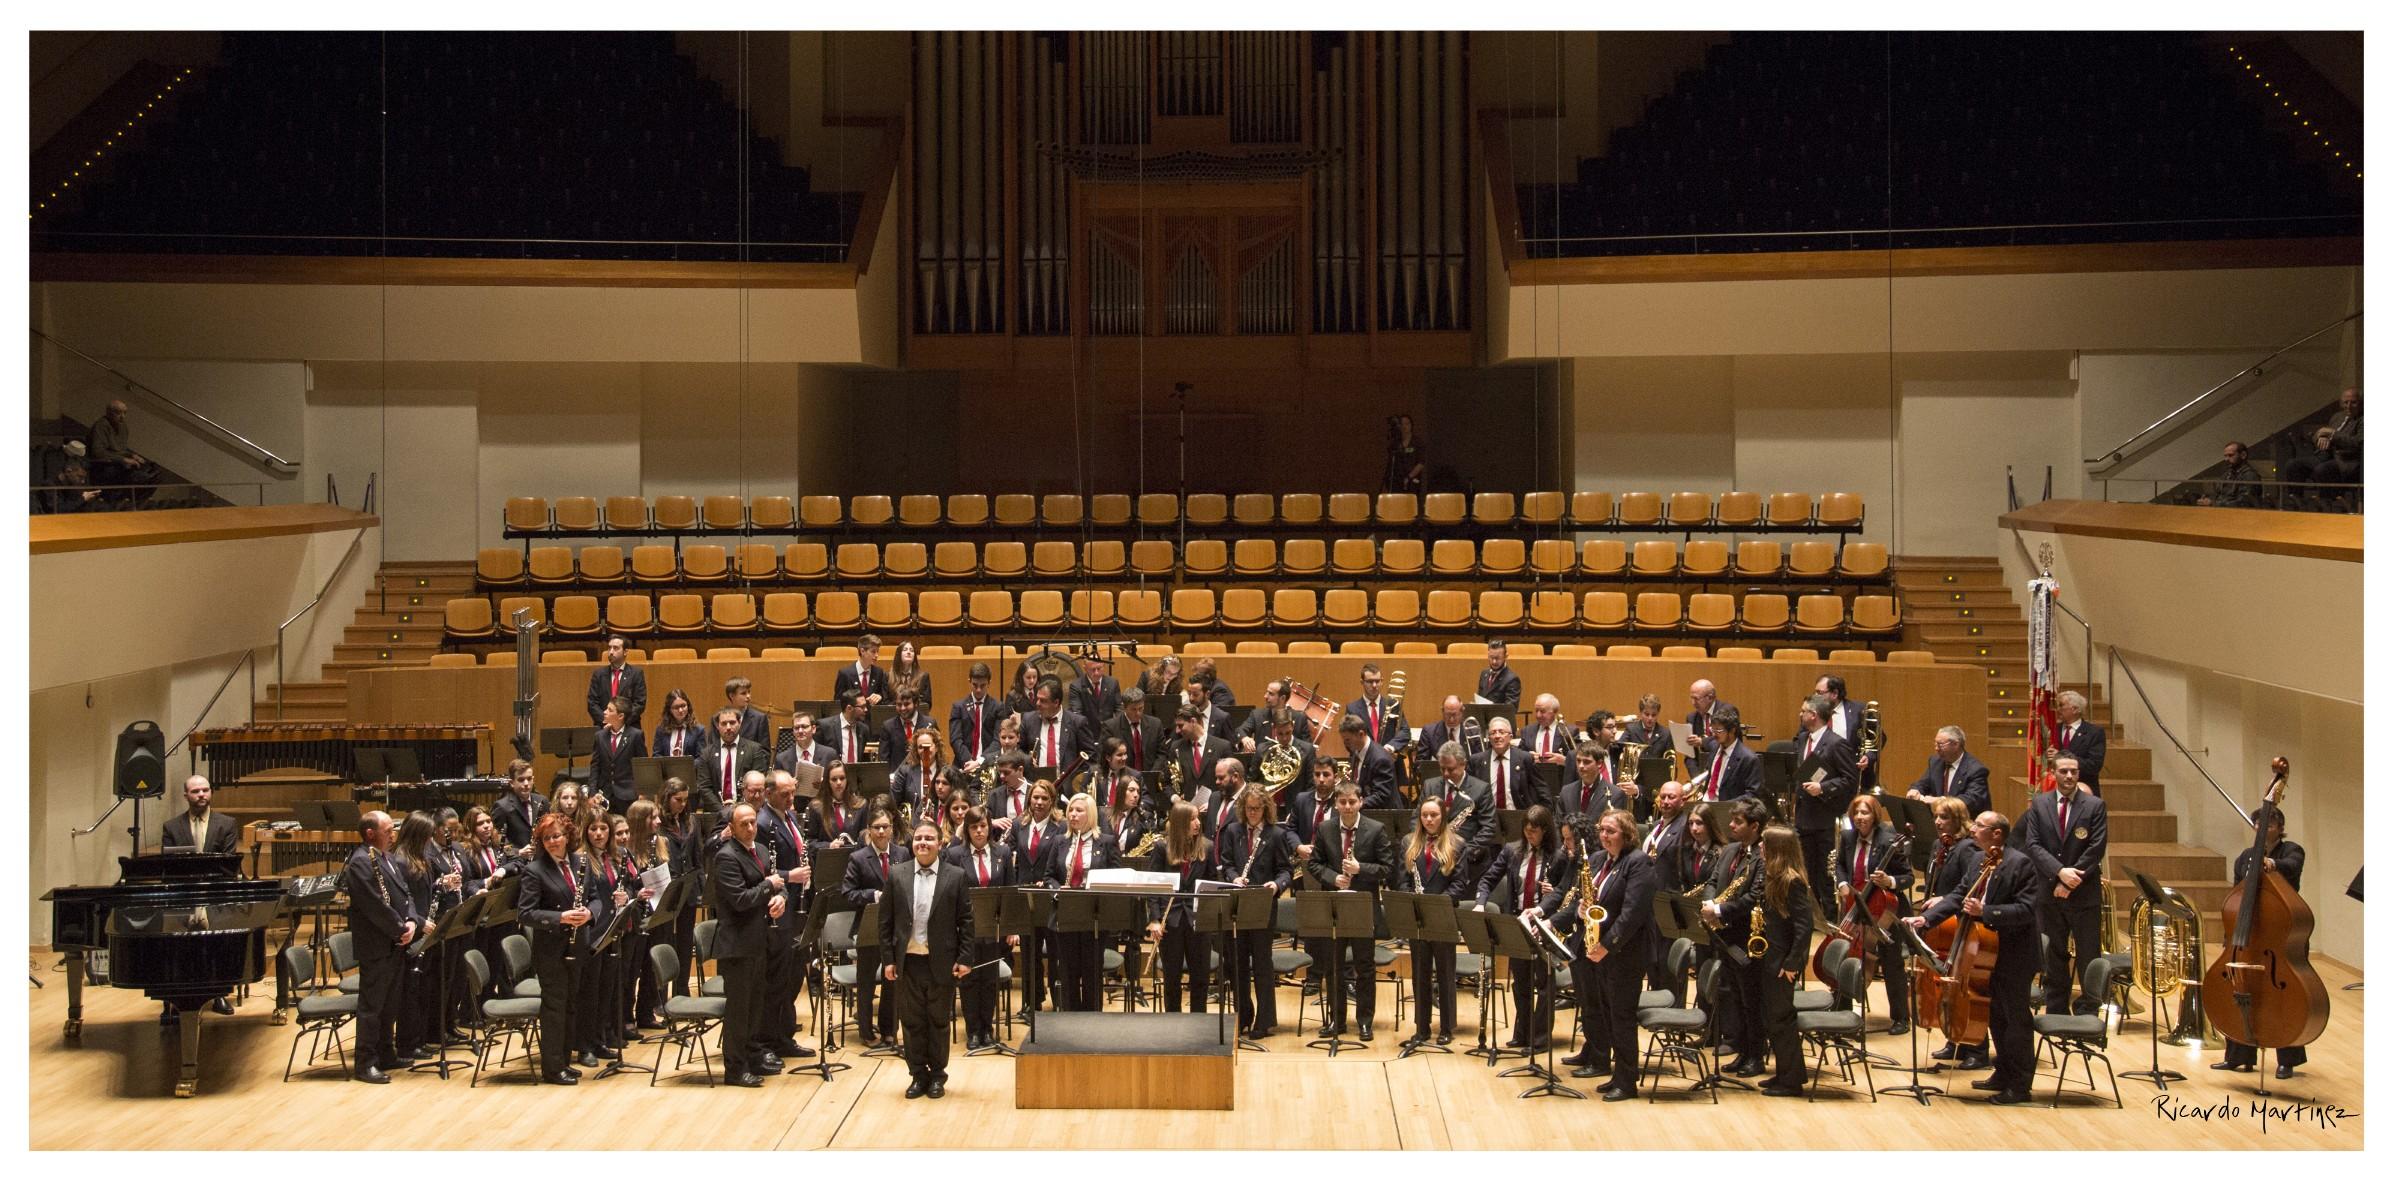 Será el próximo sábado 25 de noviembre a las 19 horas en el marco del concierto de Santa Cecilia y bajo la dirección del titular Borja Martínez Alegre.